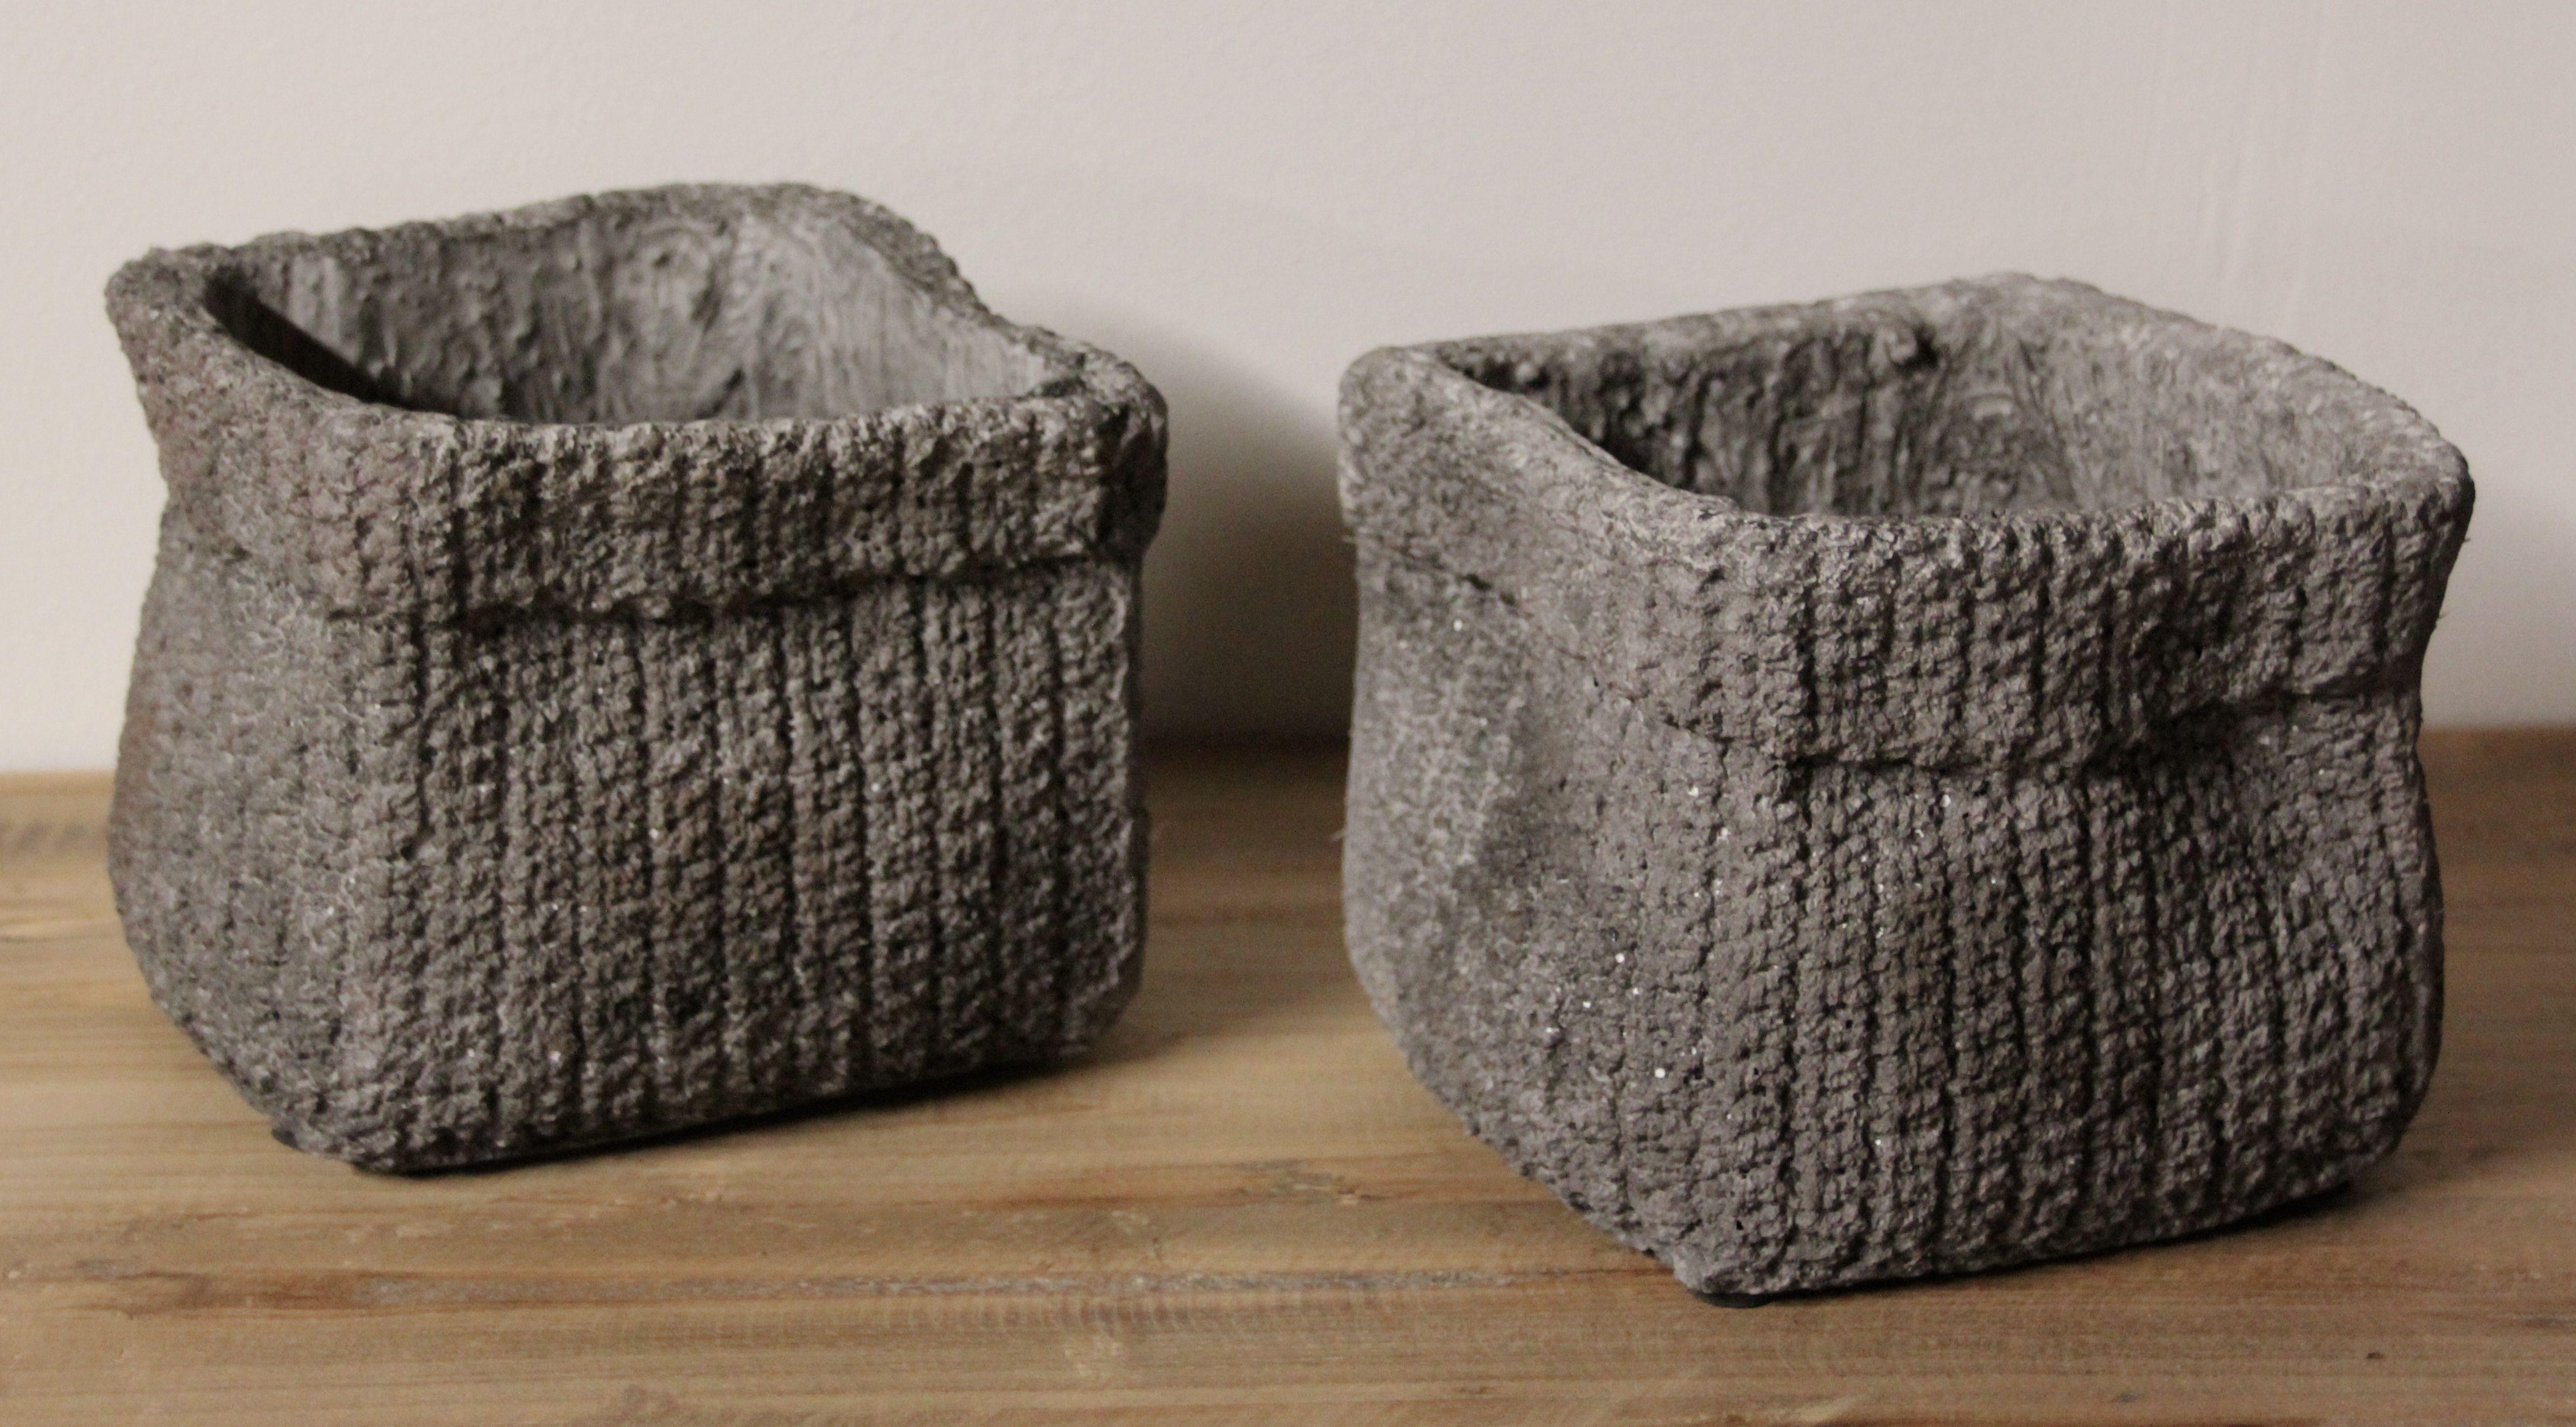 Deze box cement is een grappig decoratie-item. Cementlook lijkt kil, maar niets is minder waar. De cement accessoires zijn een hit!